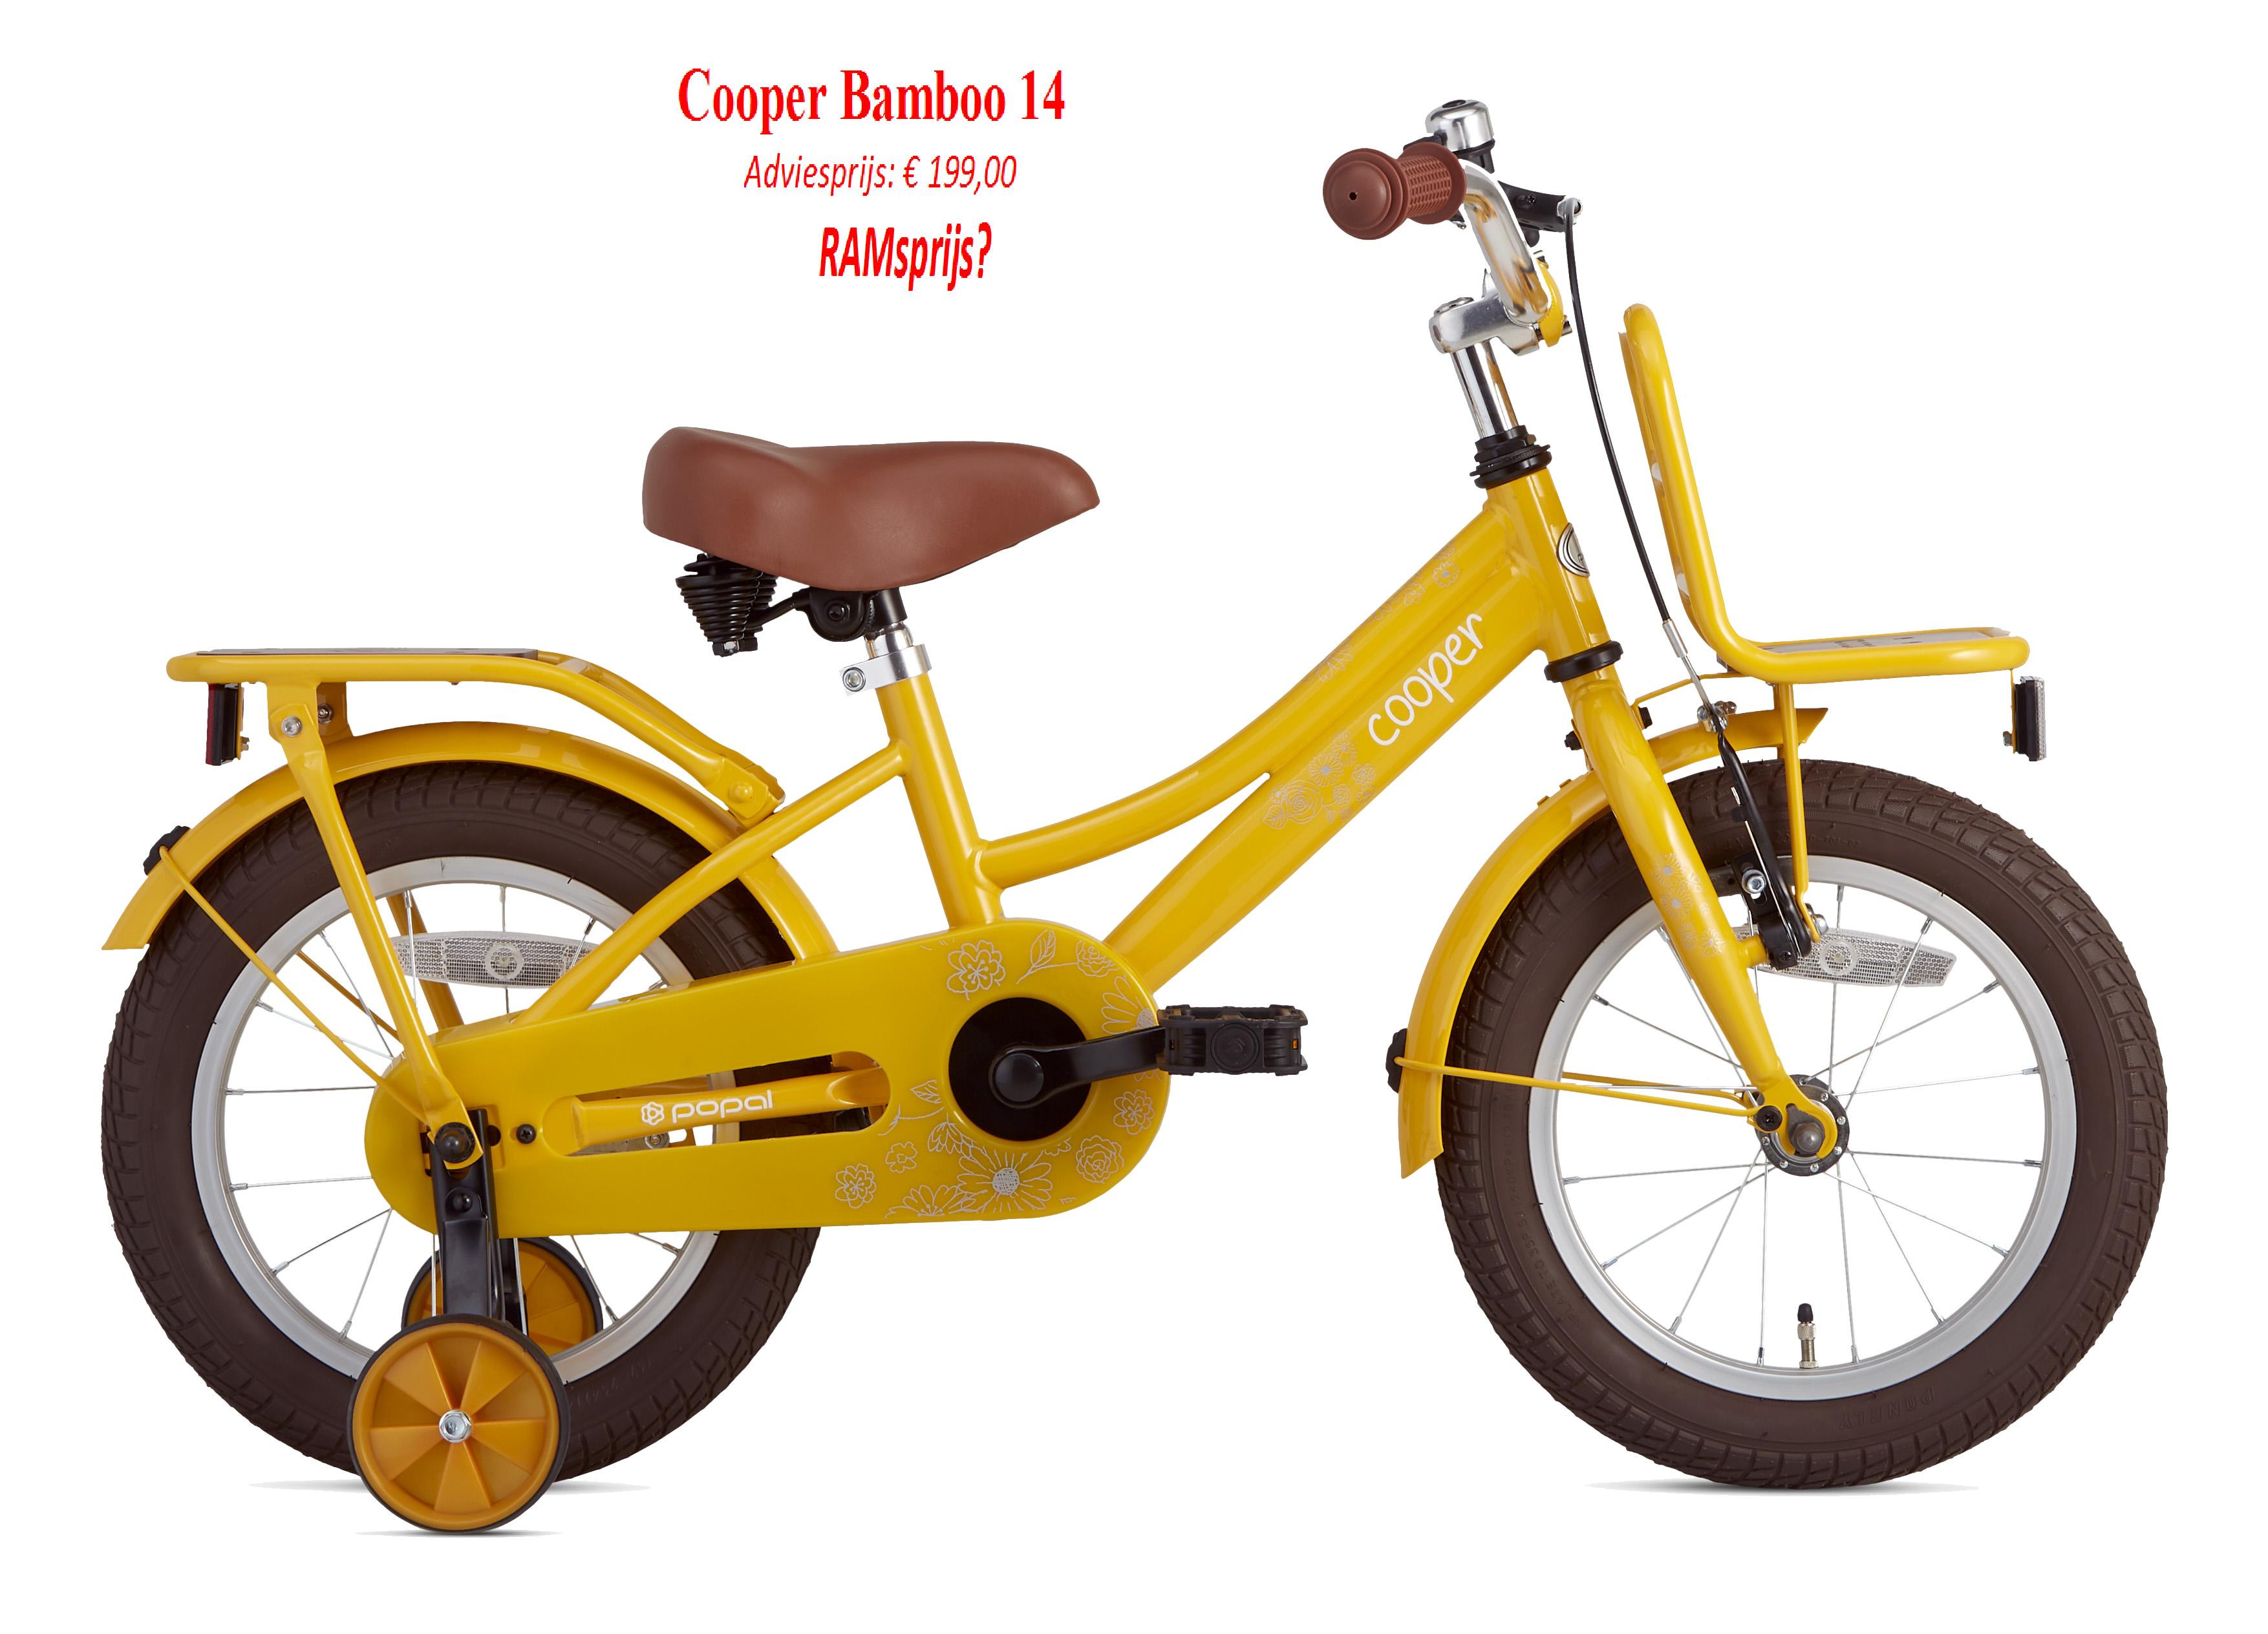 Cooper Bamboo 14   Adviesprijs: € 199,00         RAMsprijs?